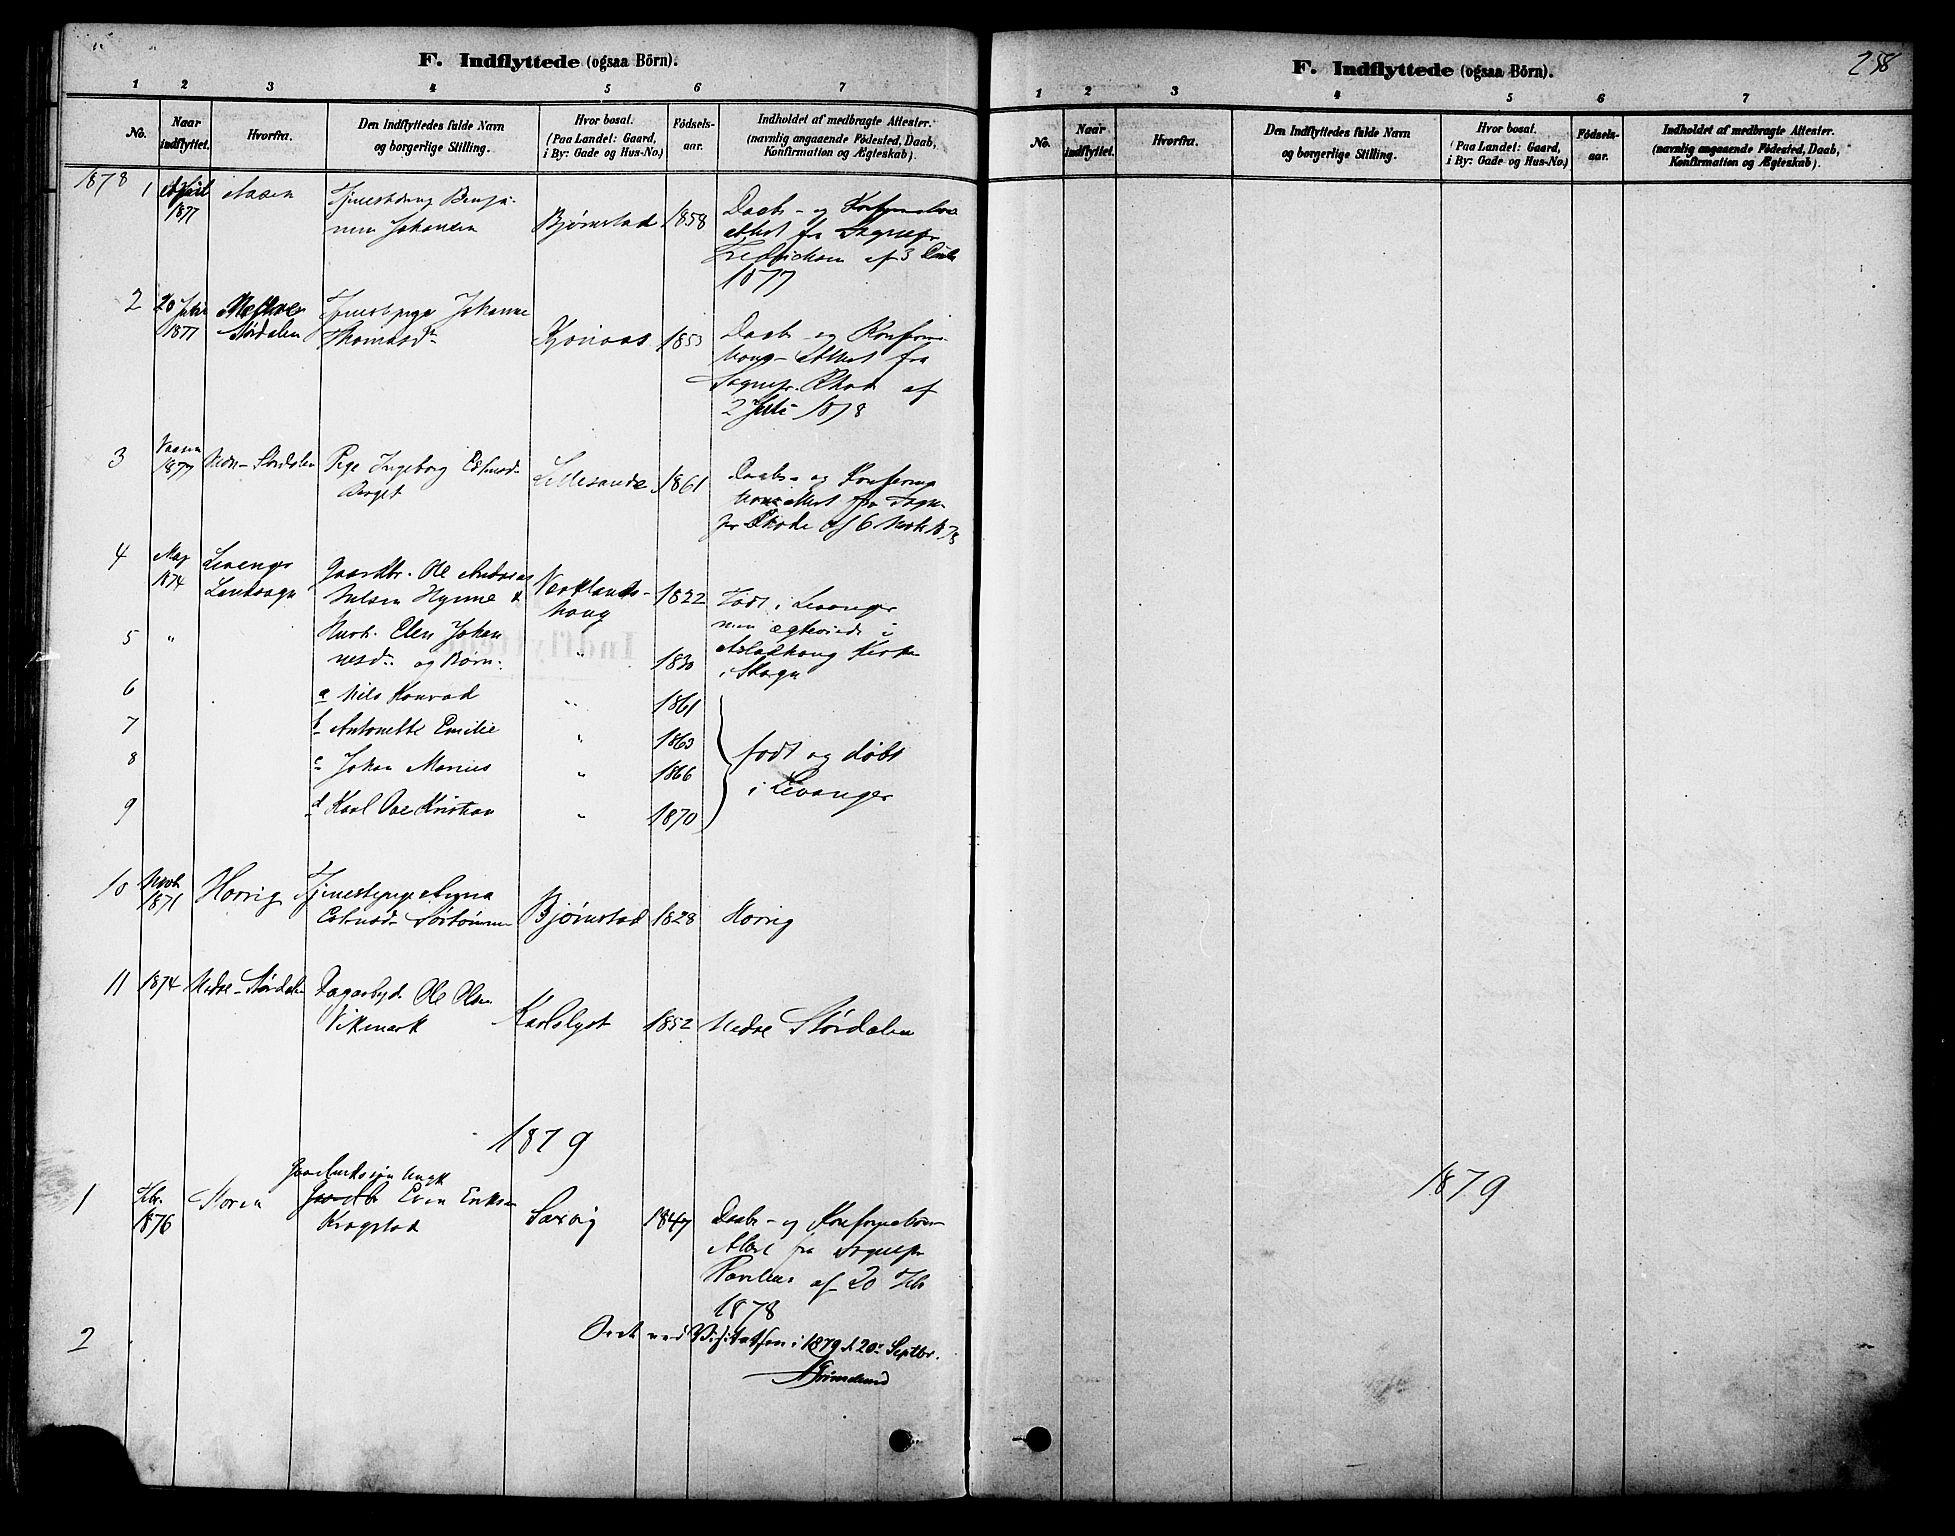 SAT, Ministerialprotokoller, klokkerbøker og fødselsregistre - Sør-Trøndelag, 616/L0410: Ministerialbok nr. 616A07, 1878-1893, s. 258